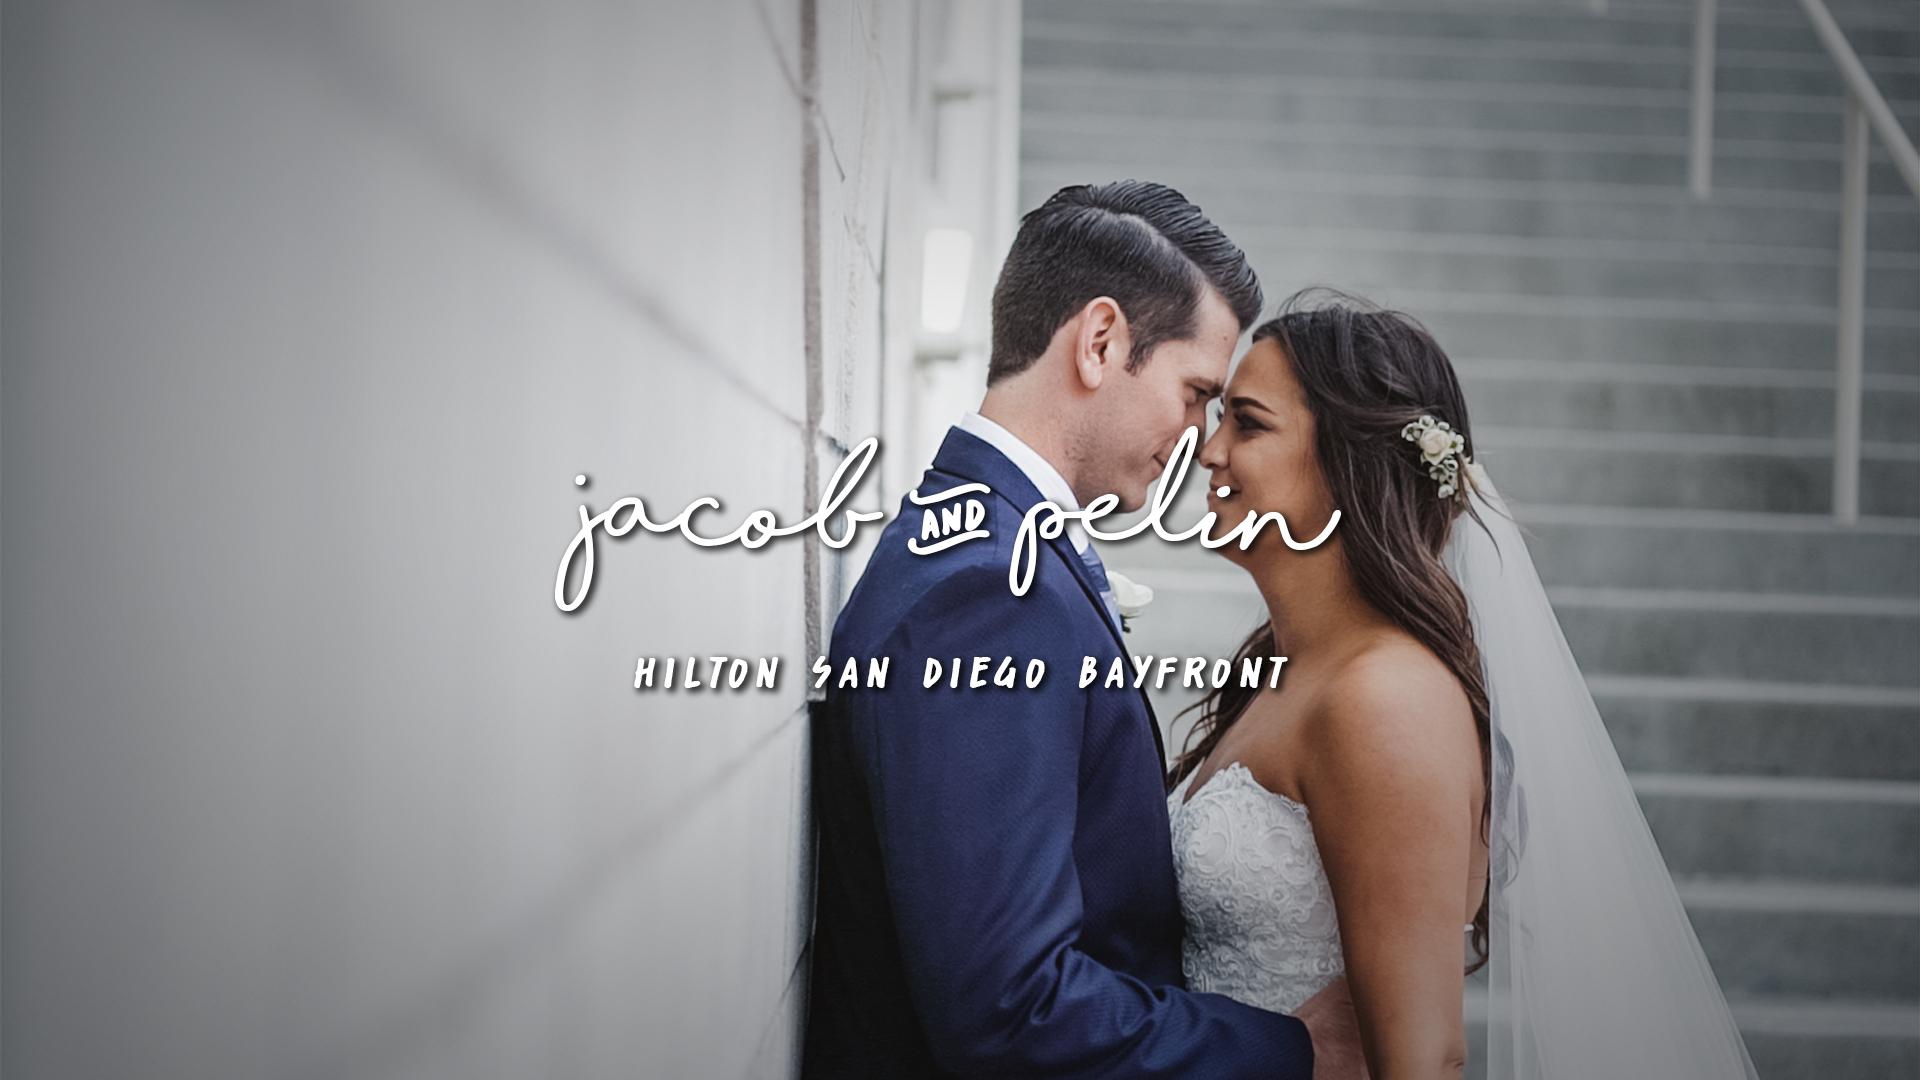 Jacob + Pelin | San Diego, California | Hilton San Diego Bayfront